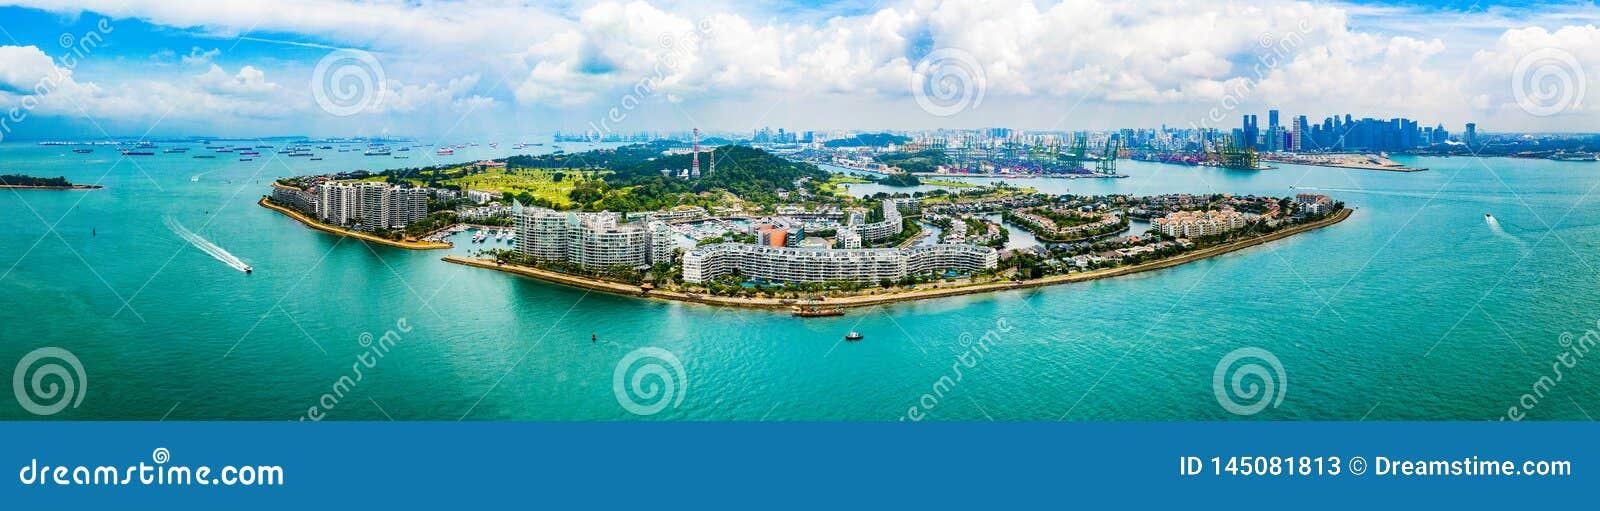 Isola Singapore - giocosità di Sentosa